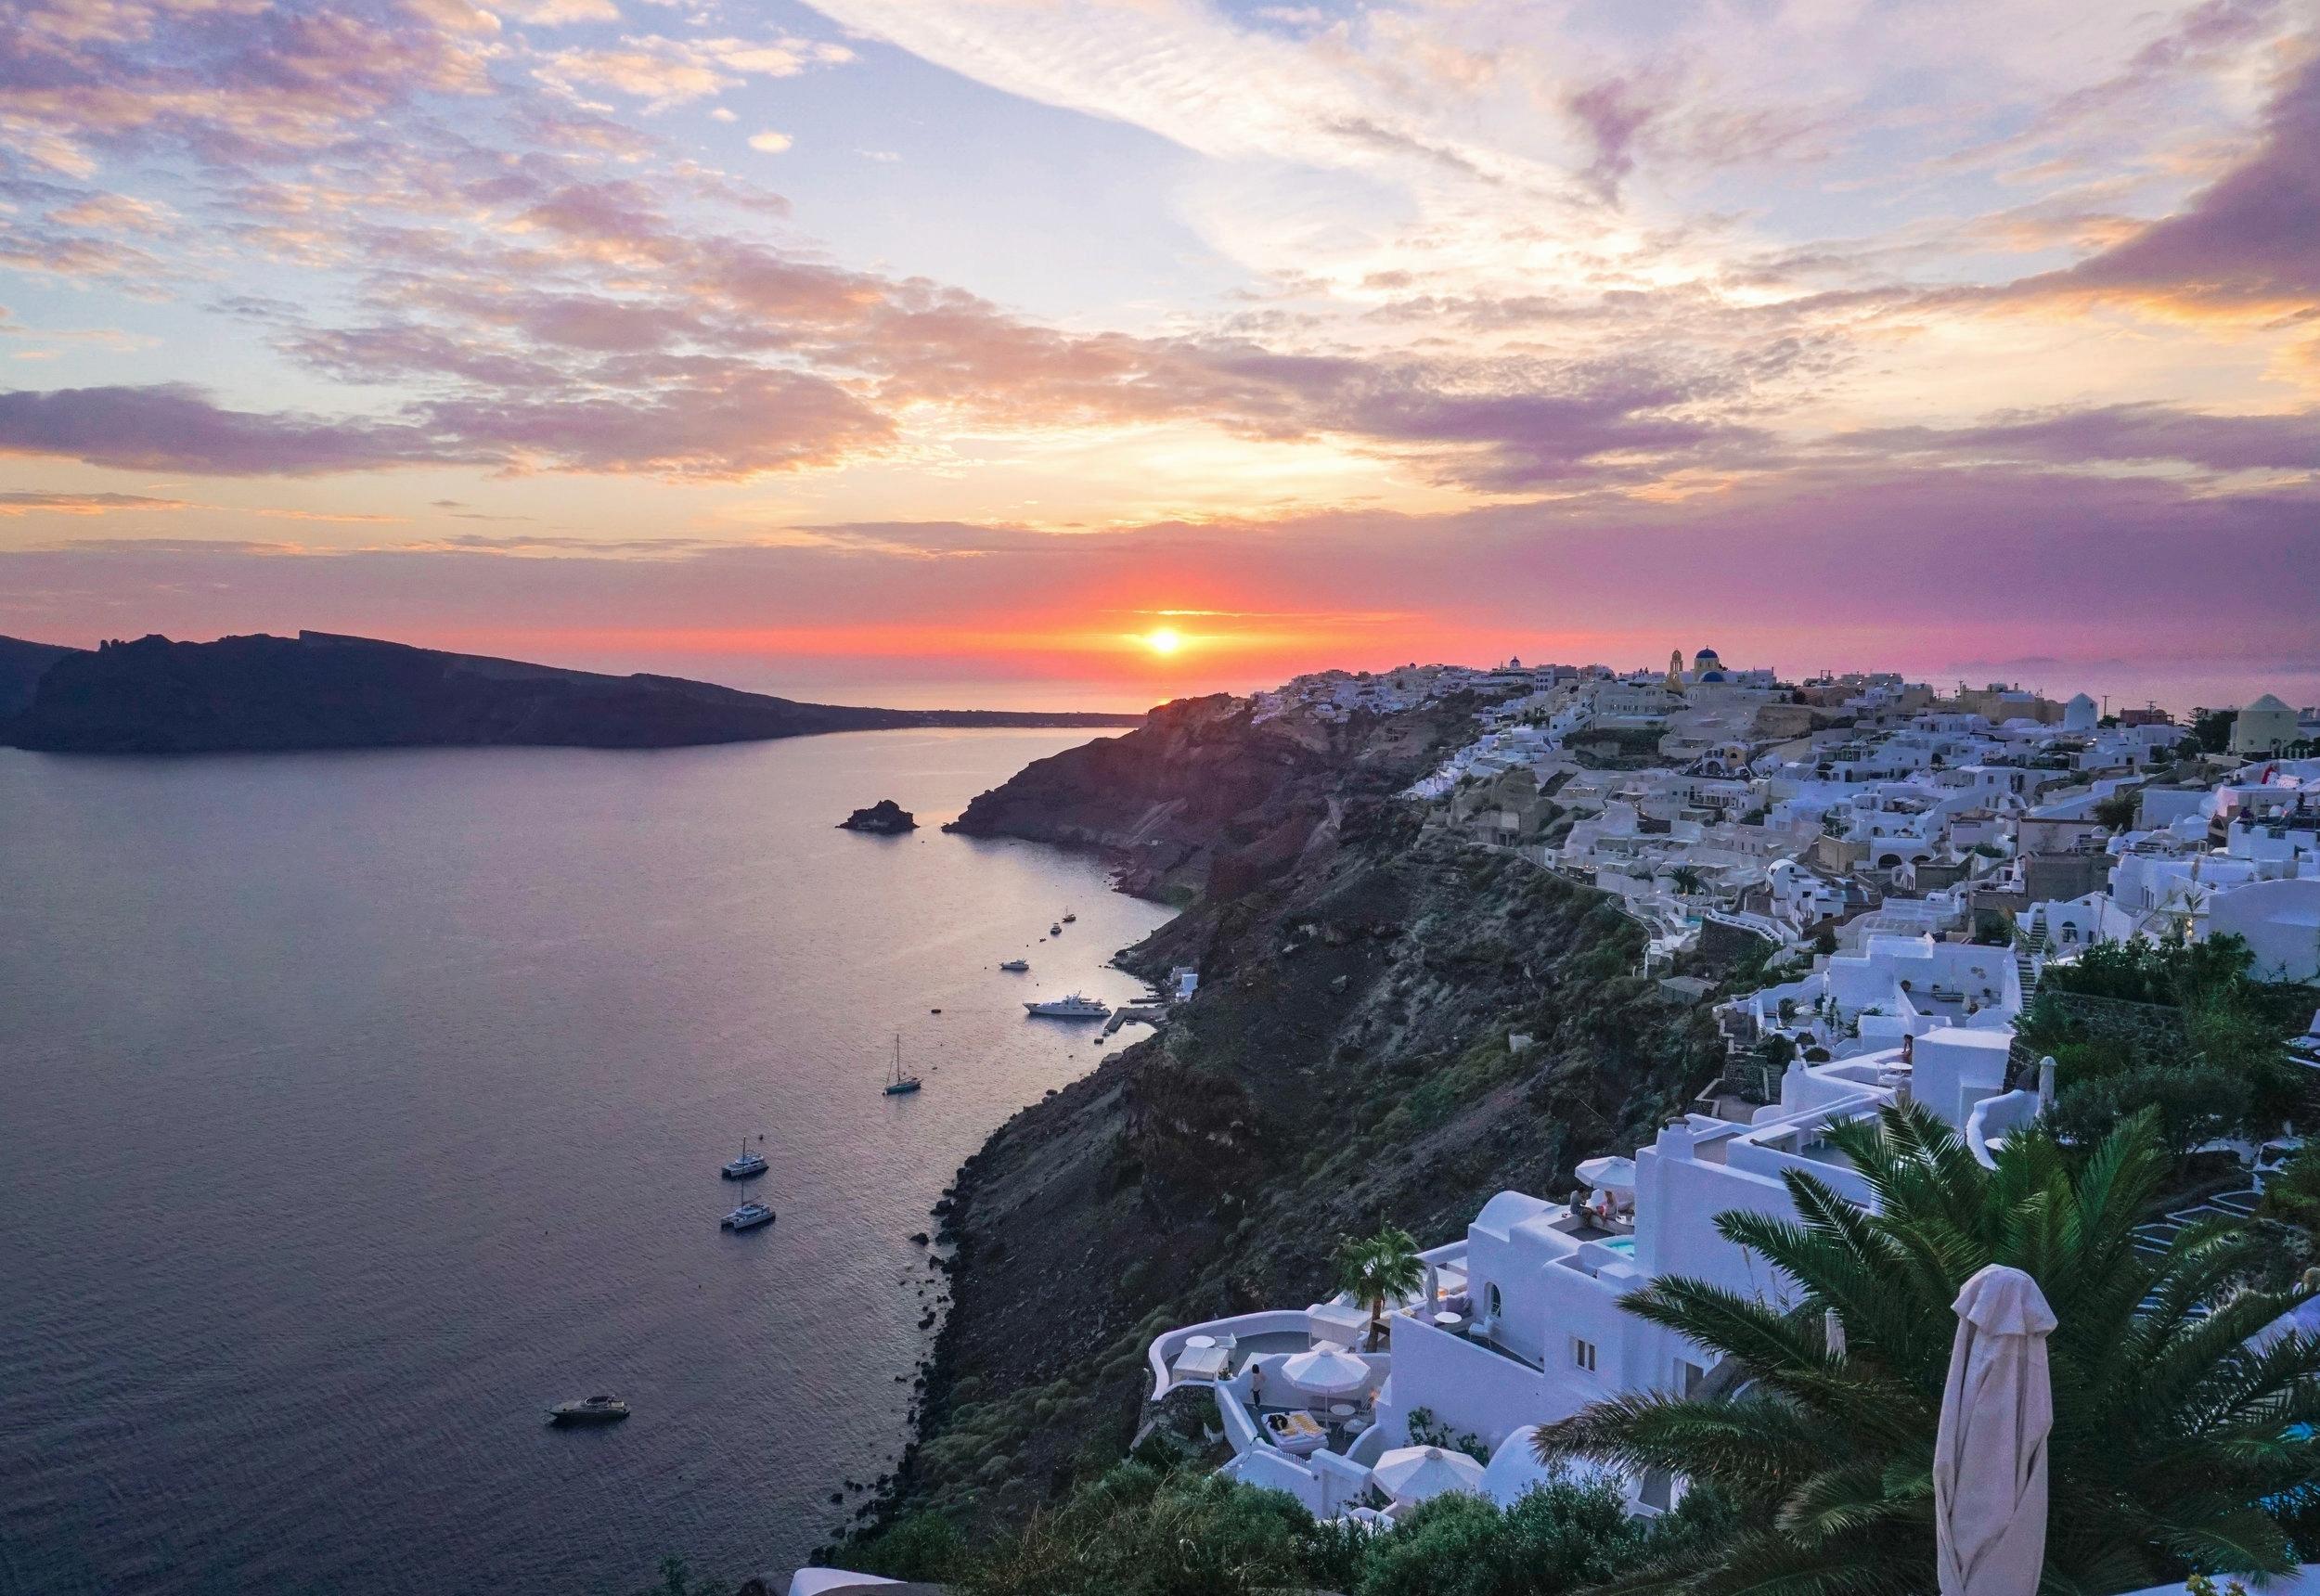 curio.trips.greece.santorini.hotel.sunset.landscape.jpg